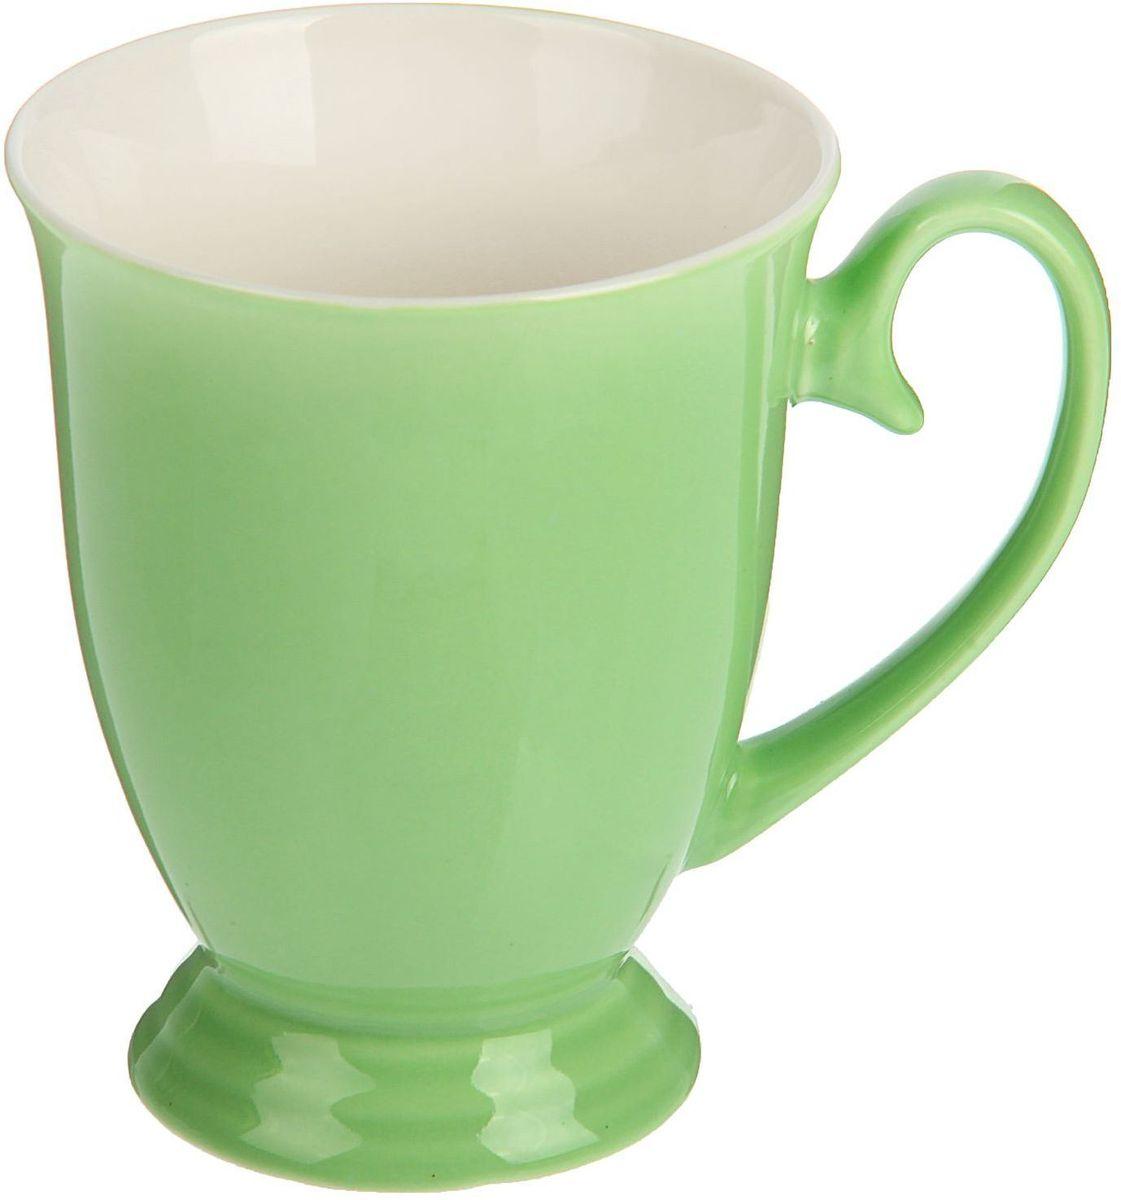 Кружка Доляна Венеция, цвет: зеленый, 300 мл391602Кружка Доляна Венеция изготовлена из керамики.Кружка станет отличным подарком для родных и близких. Это любимый аксессуар на долгие годы. Относитесь к изделию бережно, и оно будет дарить прекрасное настроение каждый день.